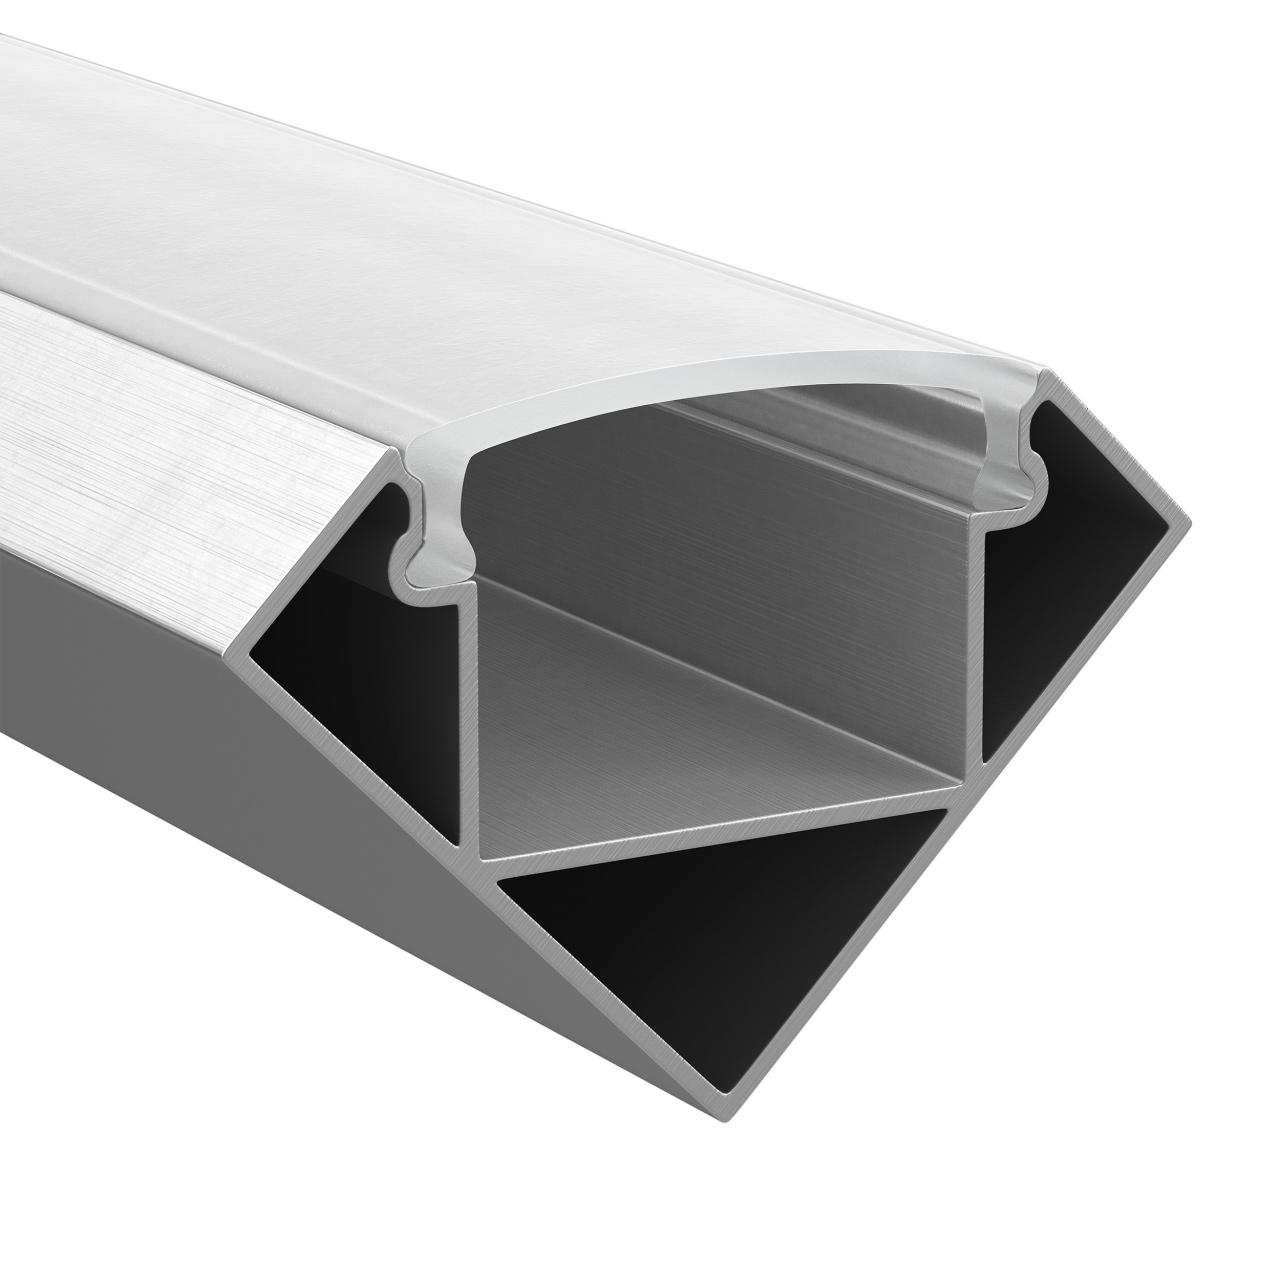 Профиль Profiled с полукруглым рассеивателем для светодиодных лент, алюминий, 1шт 2м Lightstar 409629